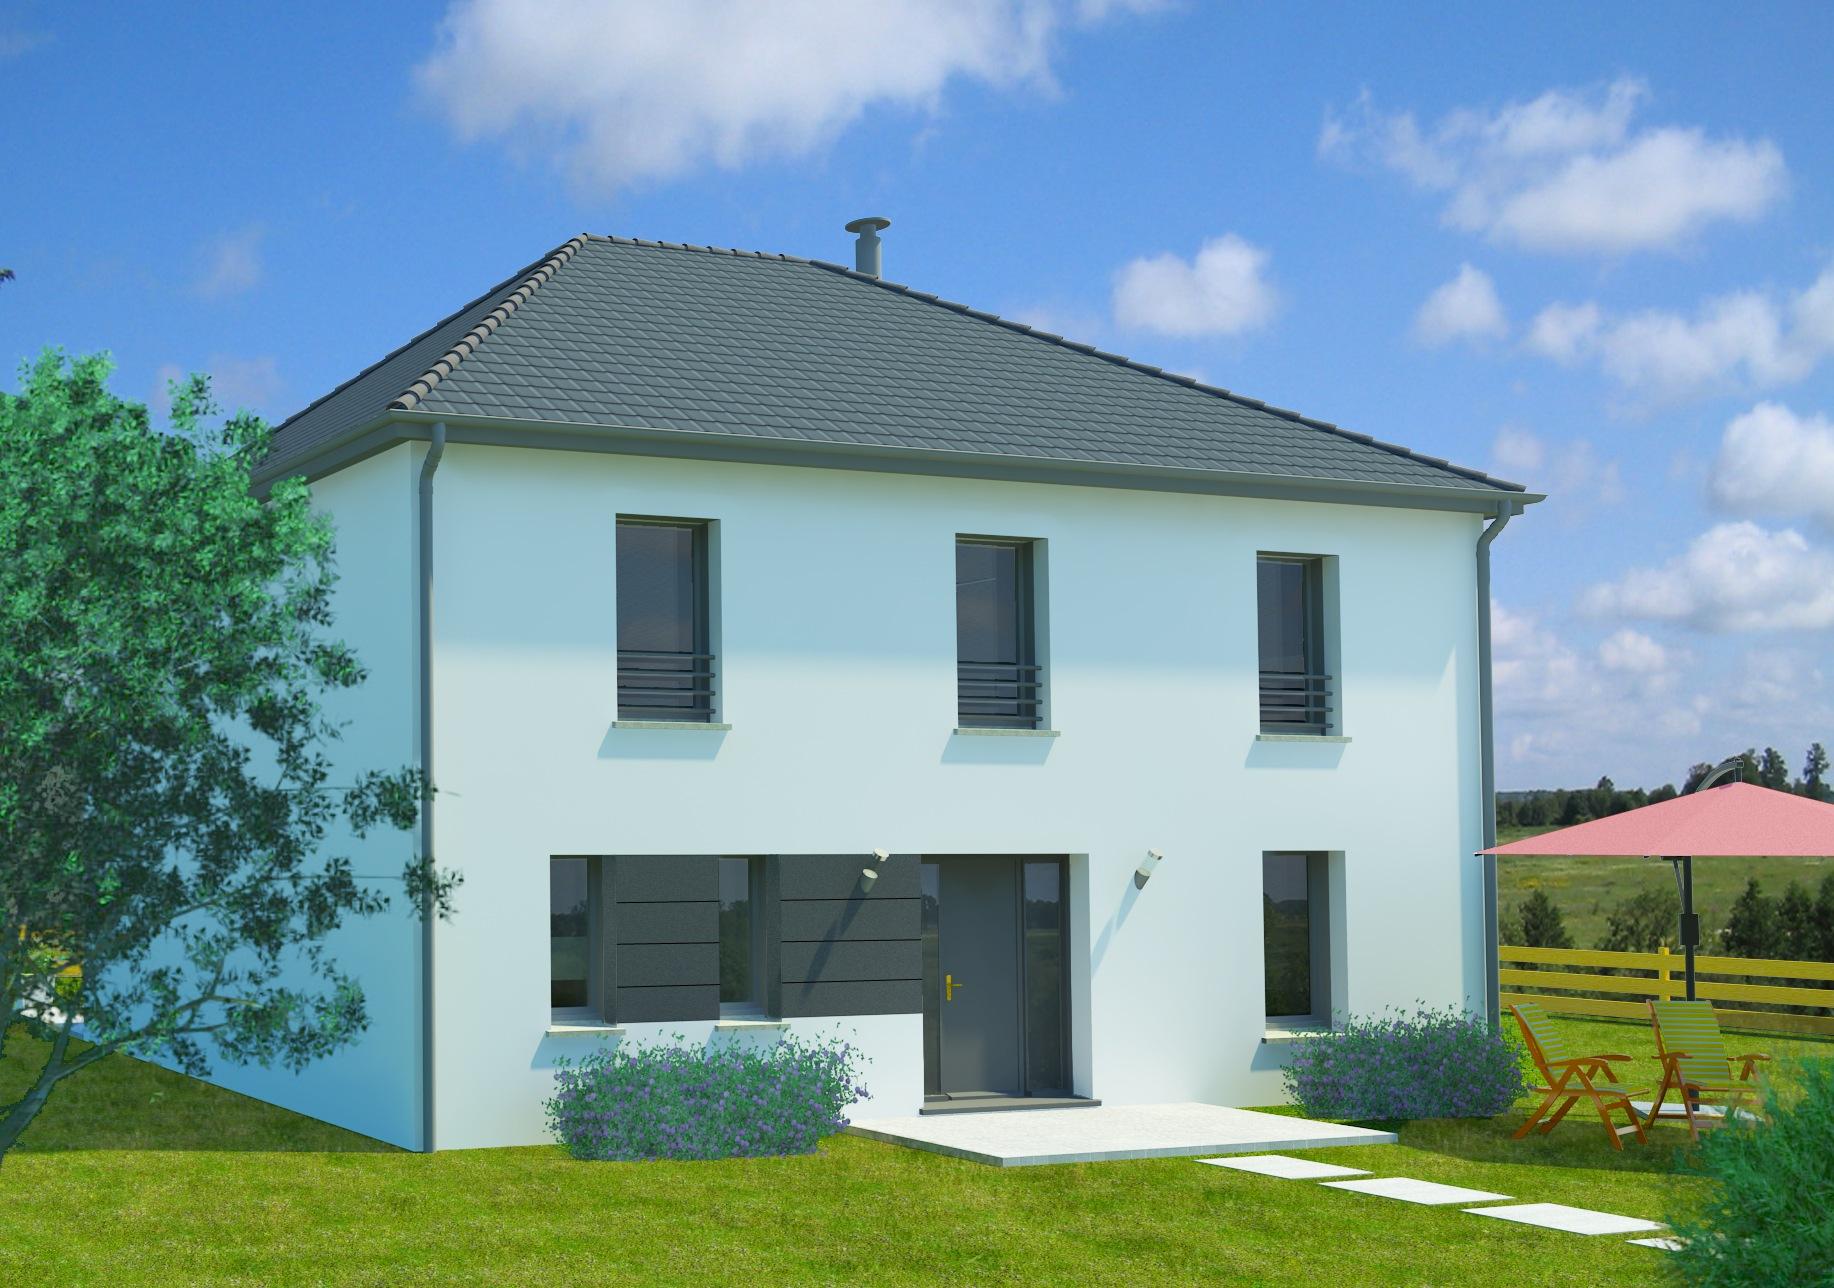 Maisons + Terrains du constructeur MAISON FAMILIALE • 90 m² • VILLIERS SUR MORIN